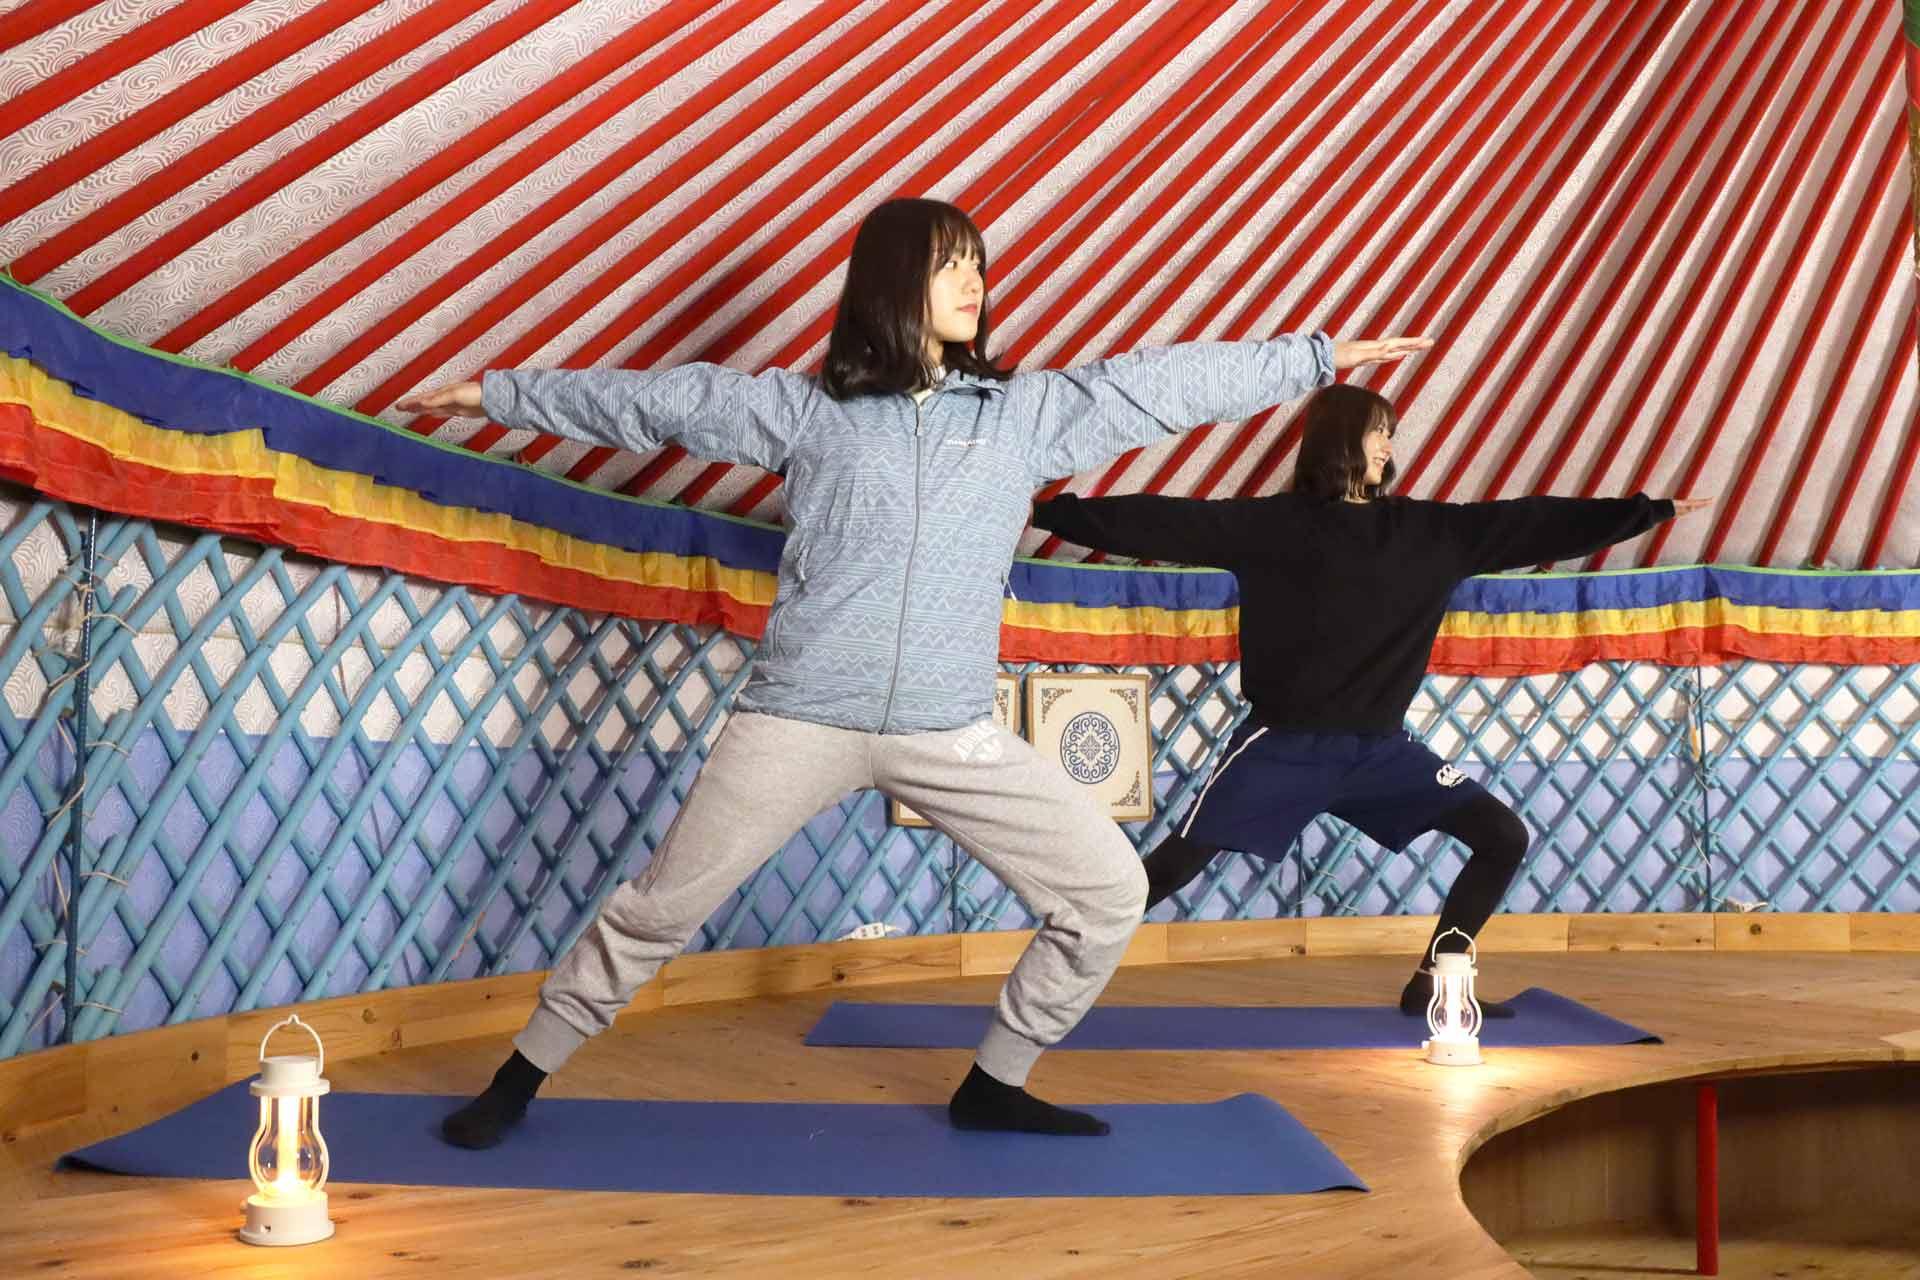 オータニ モンゴルの里のゲルの中でヨガレッスンを体験する女の子たち